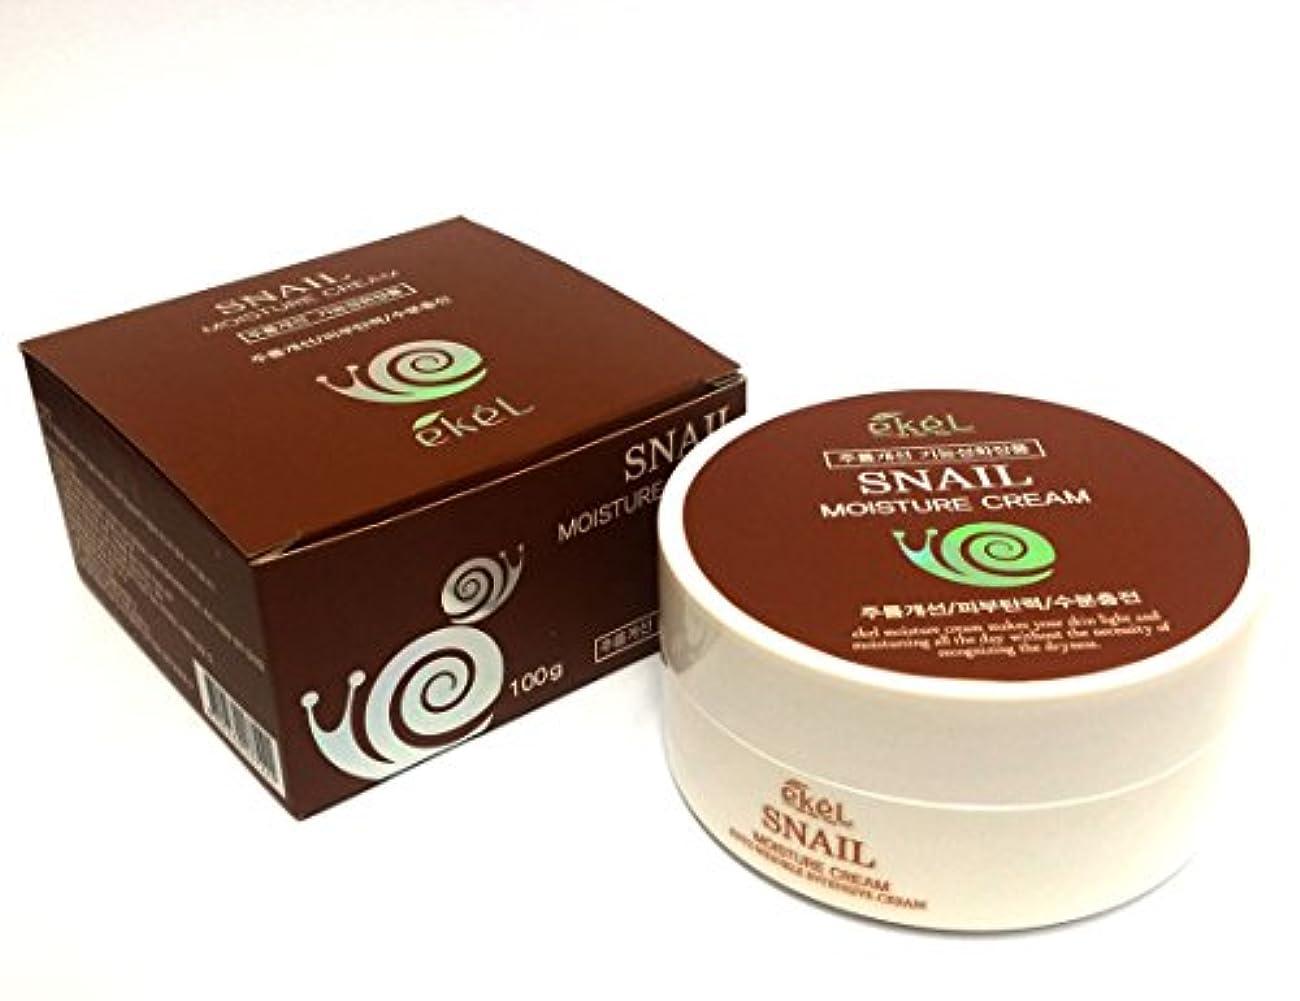 ビジュアル代わってスーパーマーケット[ekel] スネイルモイスチャークリーム100g / Snail Moisture Cream 100g /しわ?弾力?保湿 / Wrinkle, elasticity, Moisturizing / 韓国化粧品 /...